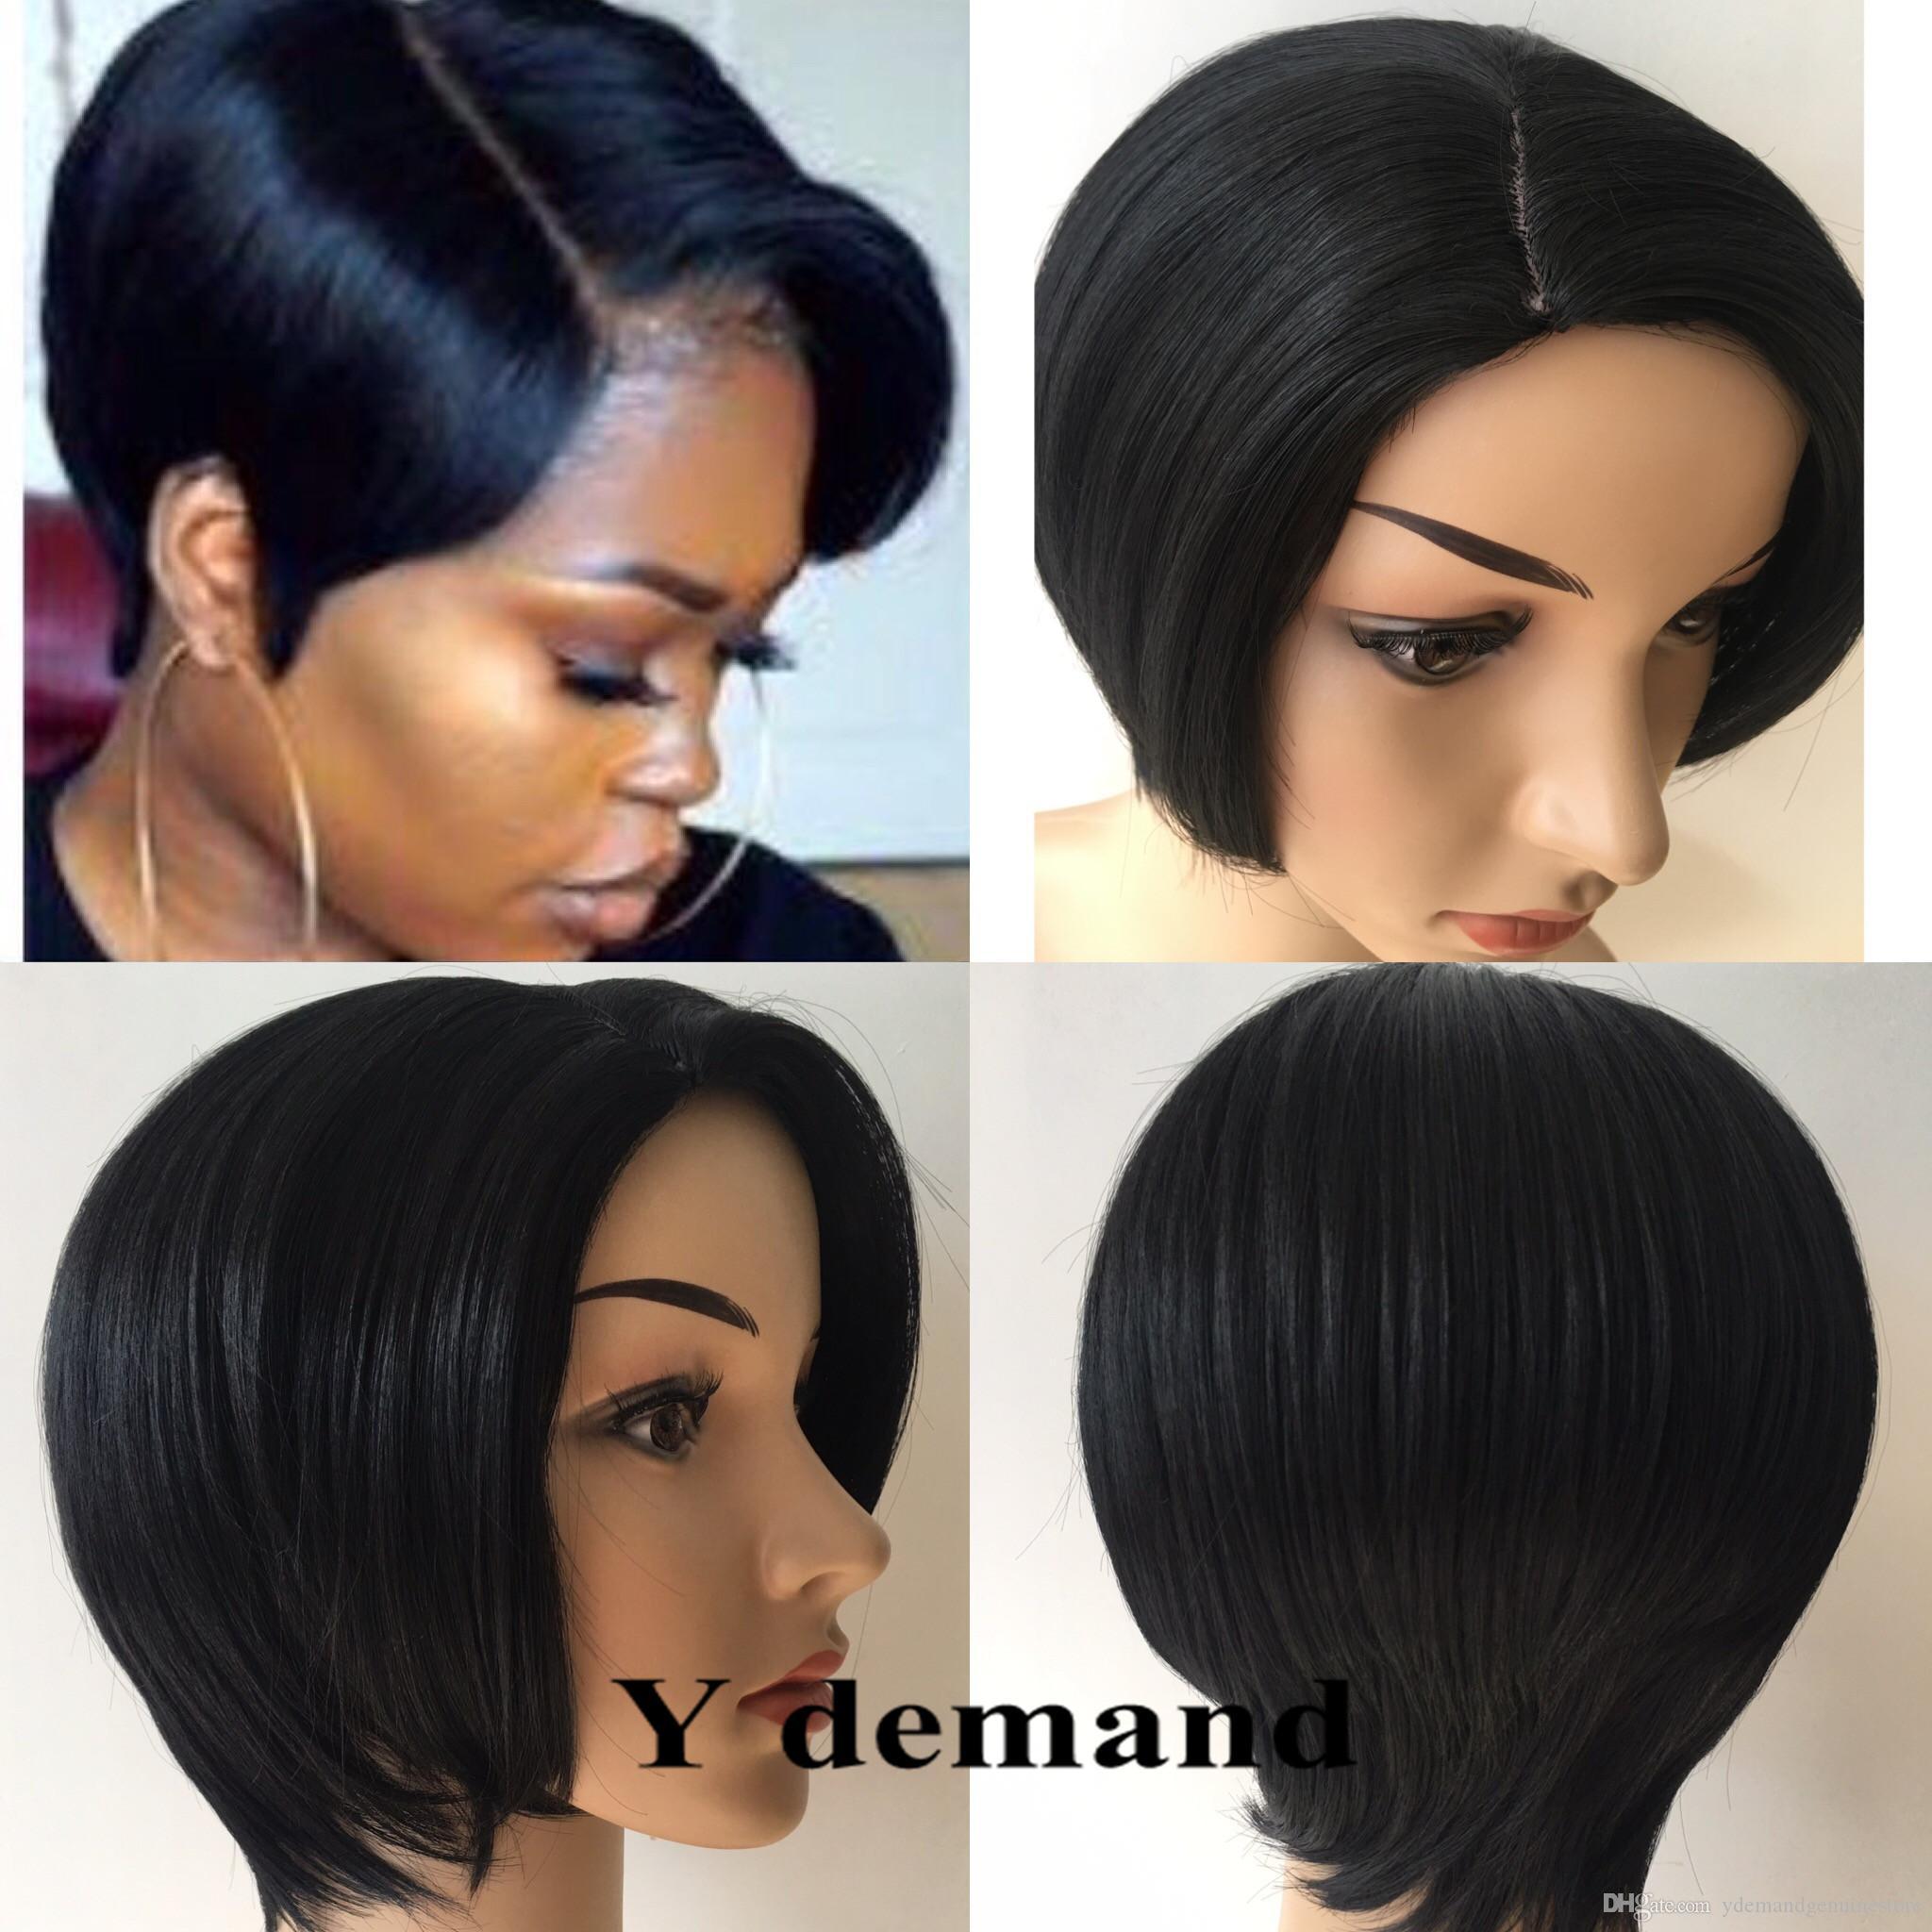 Top qualité courte Pixie brésilienne Simulation perruques de cheveux humains sans colle dentelle pleine avant coupe synthétique perruques de cheveux pour les femmes noires